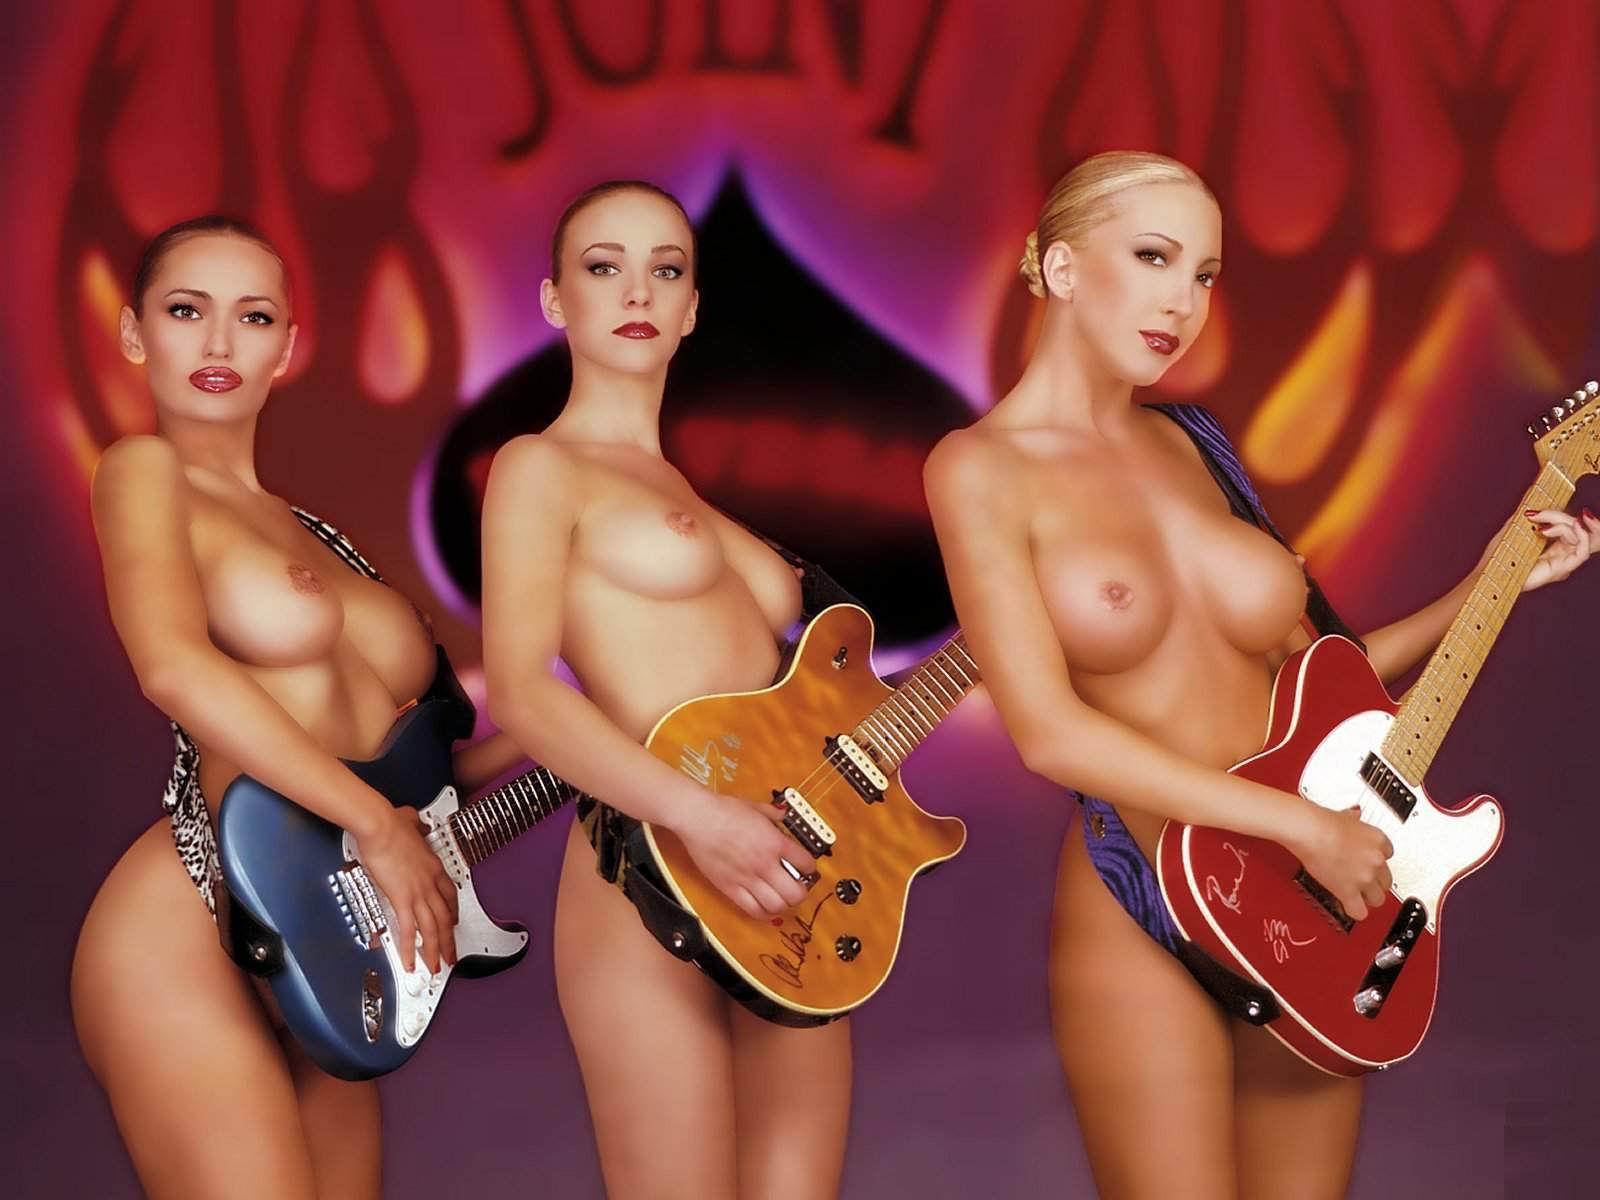 Телешоу с голыми девушками 4 фотография